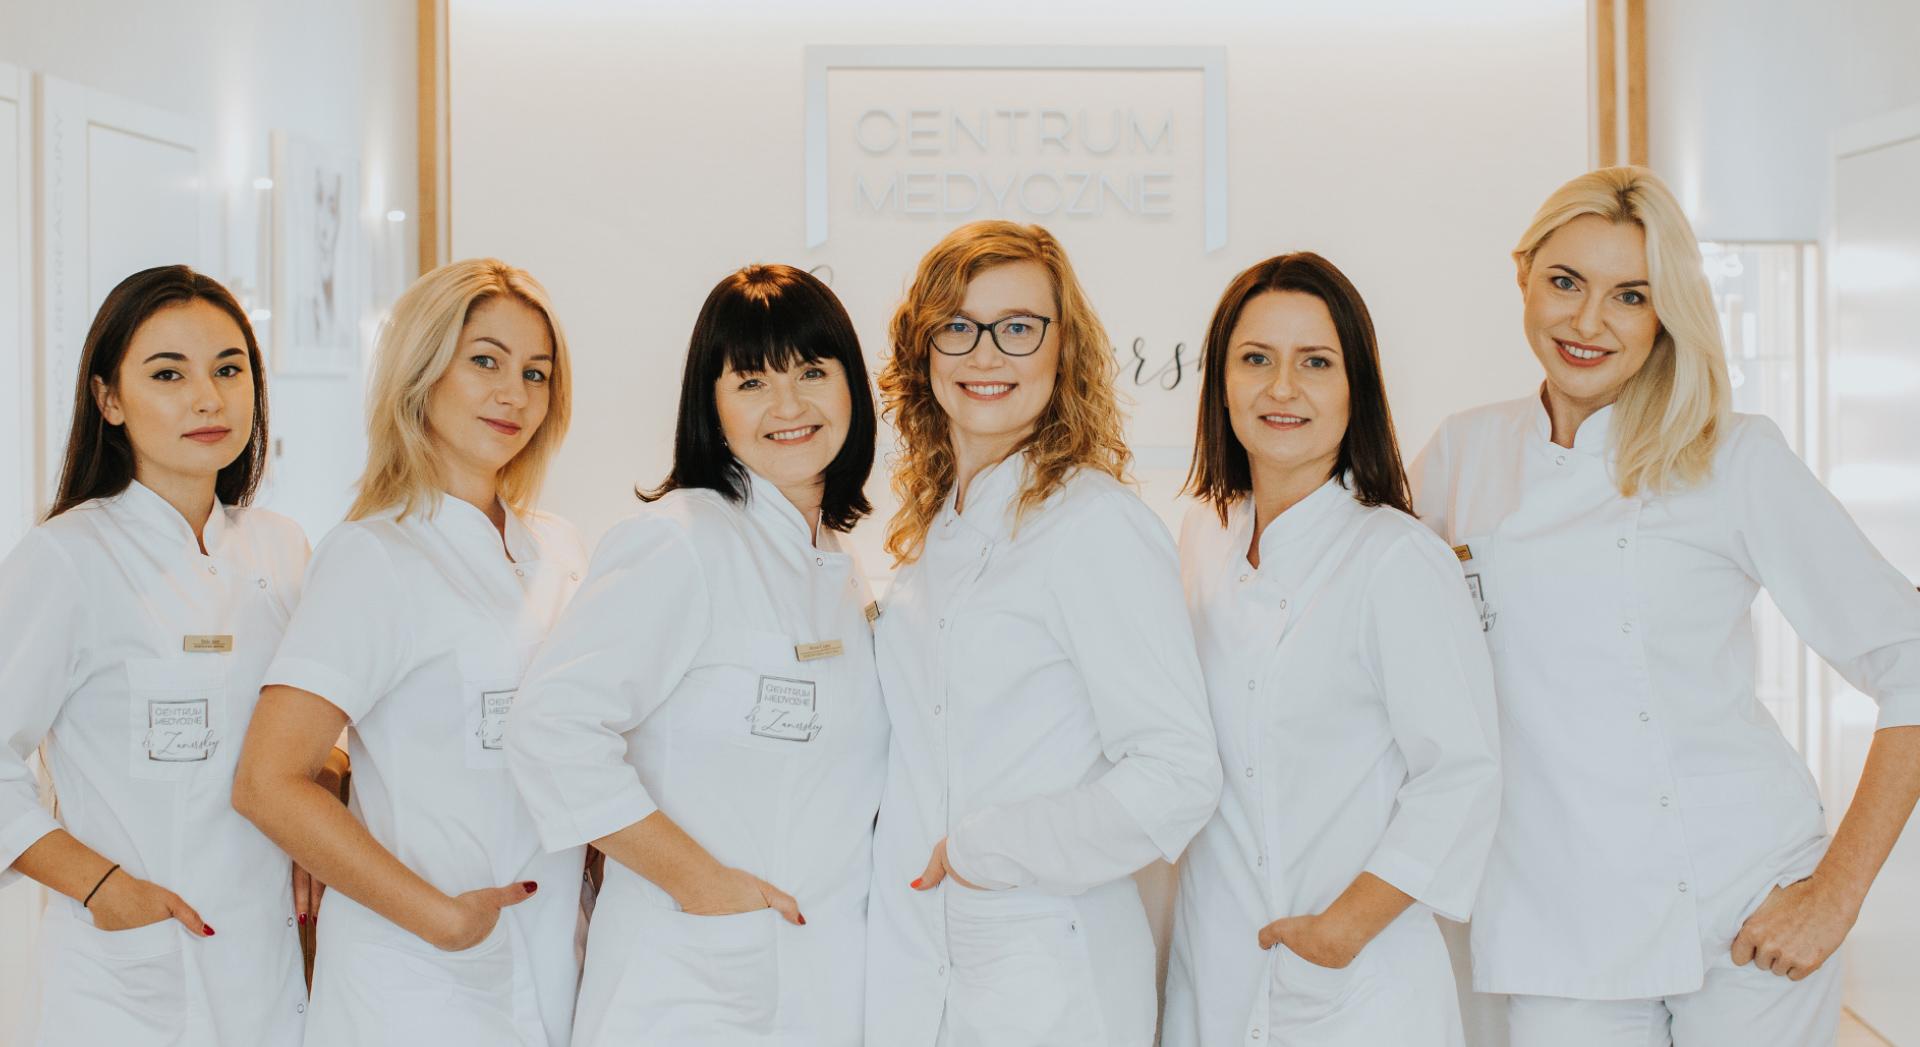 Zespół Centrum Medyczne dr Zamirskiej